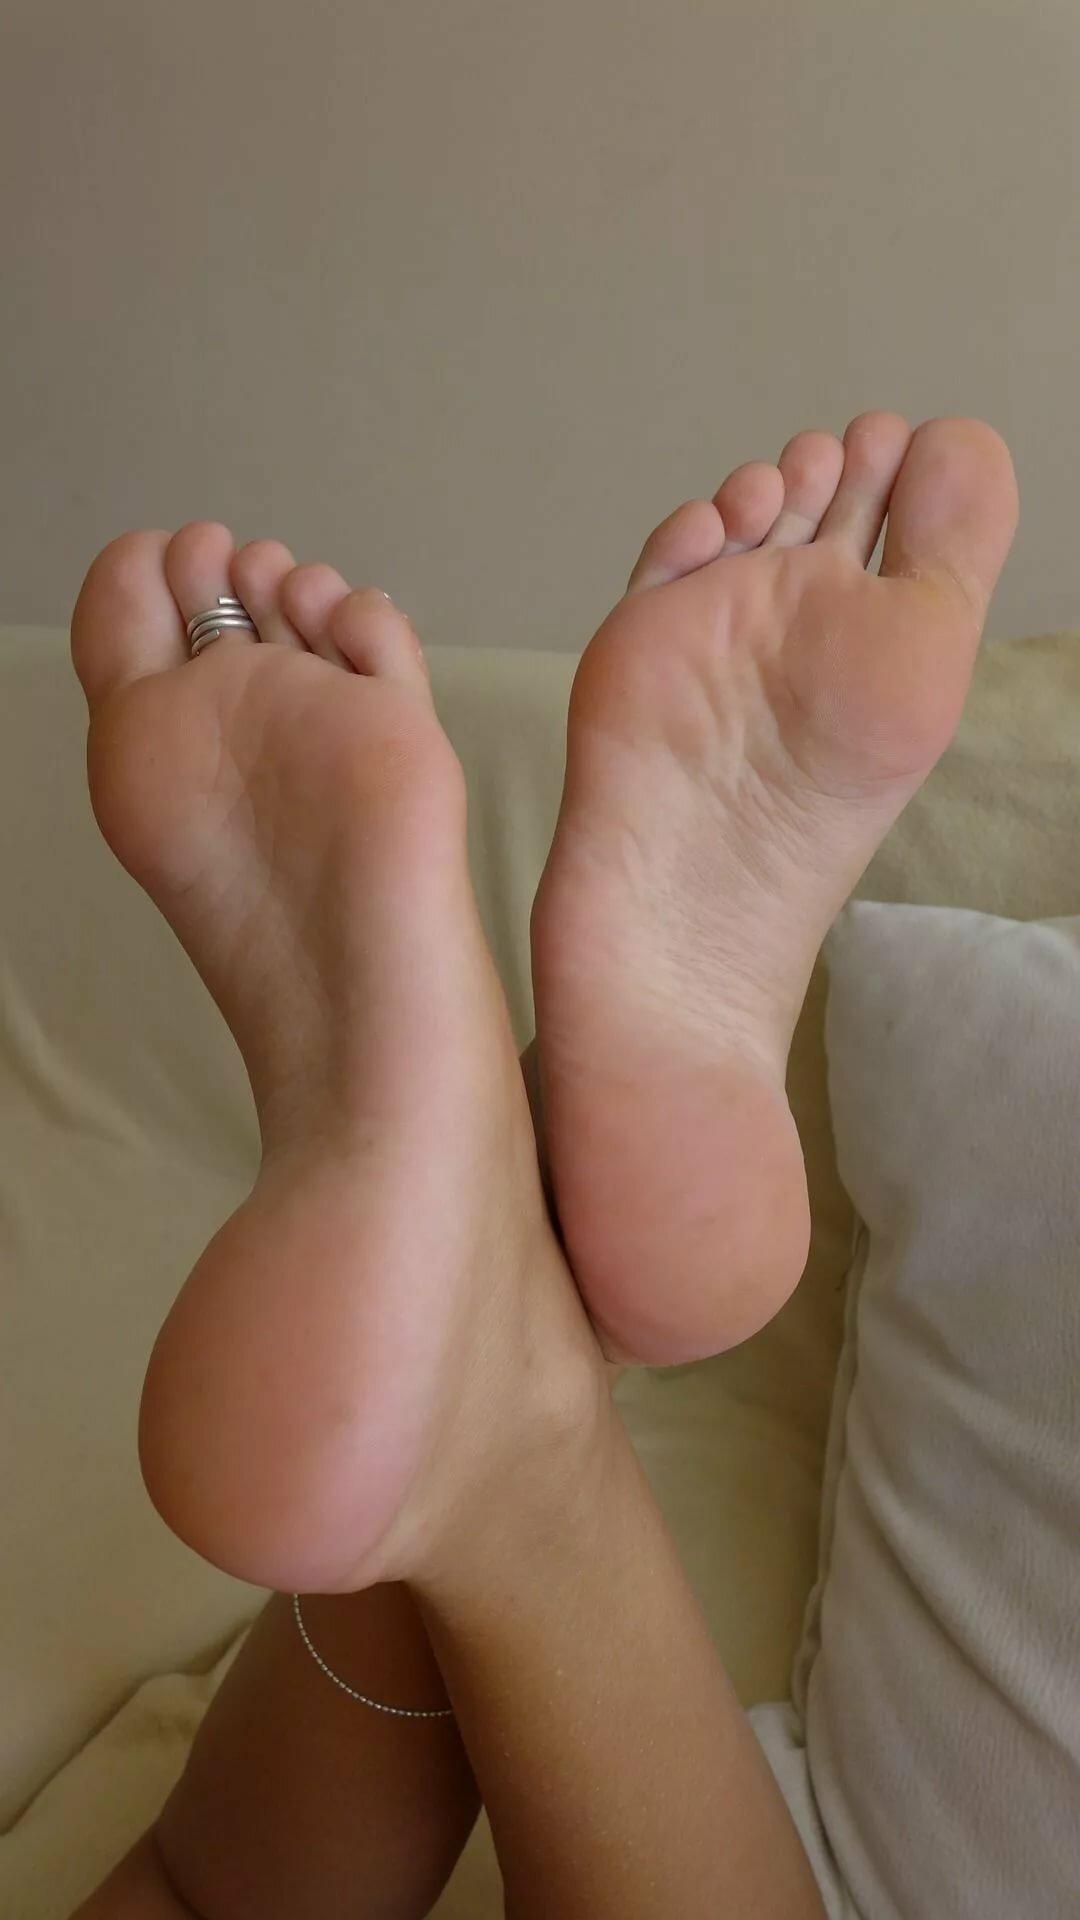 Female feet sexy, show what girl boobs loke like